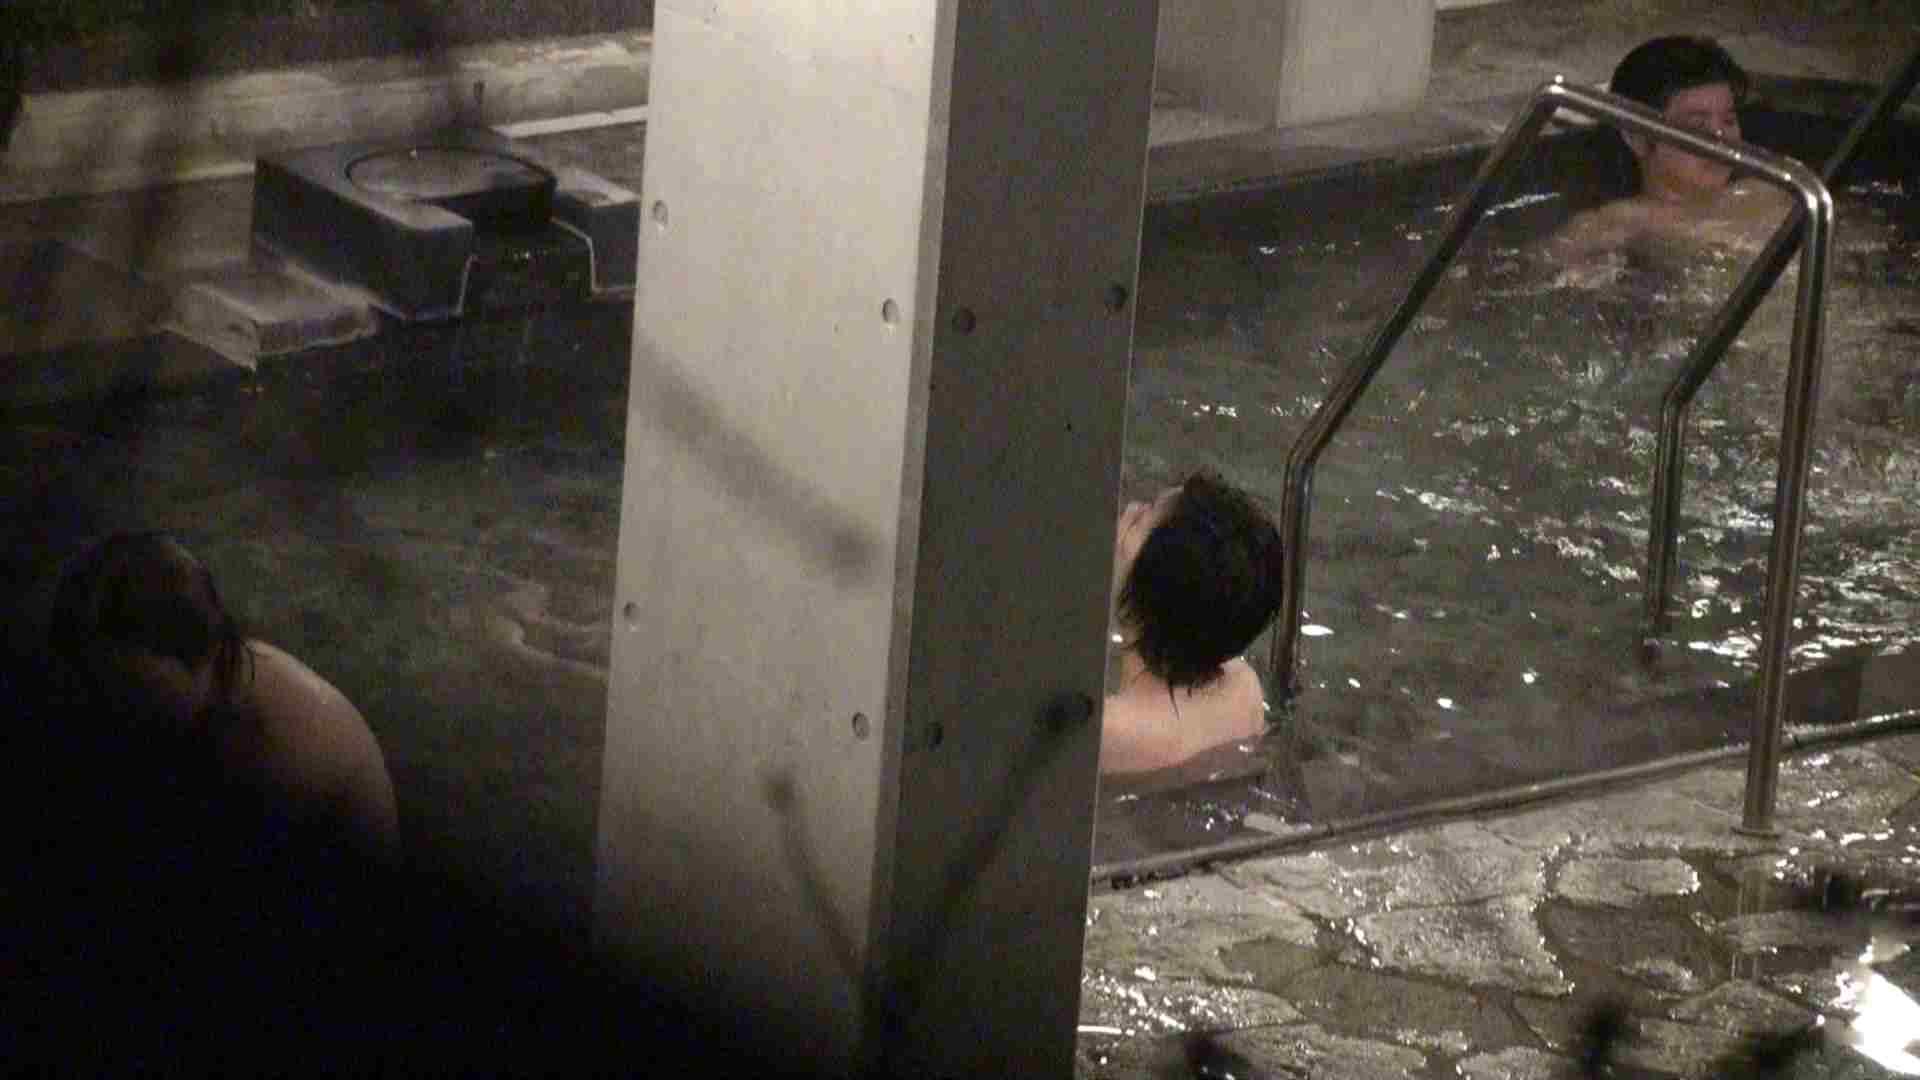 Aquaな露天風呂Vol.437 OLハメ撮り  78Pix 21